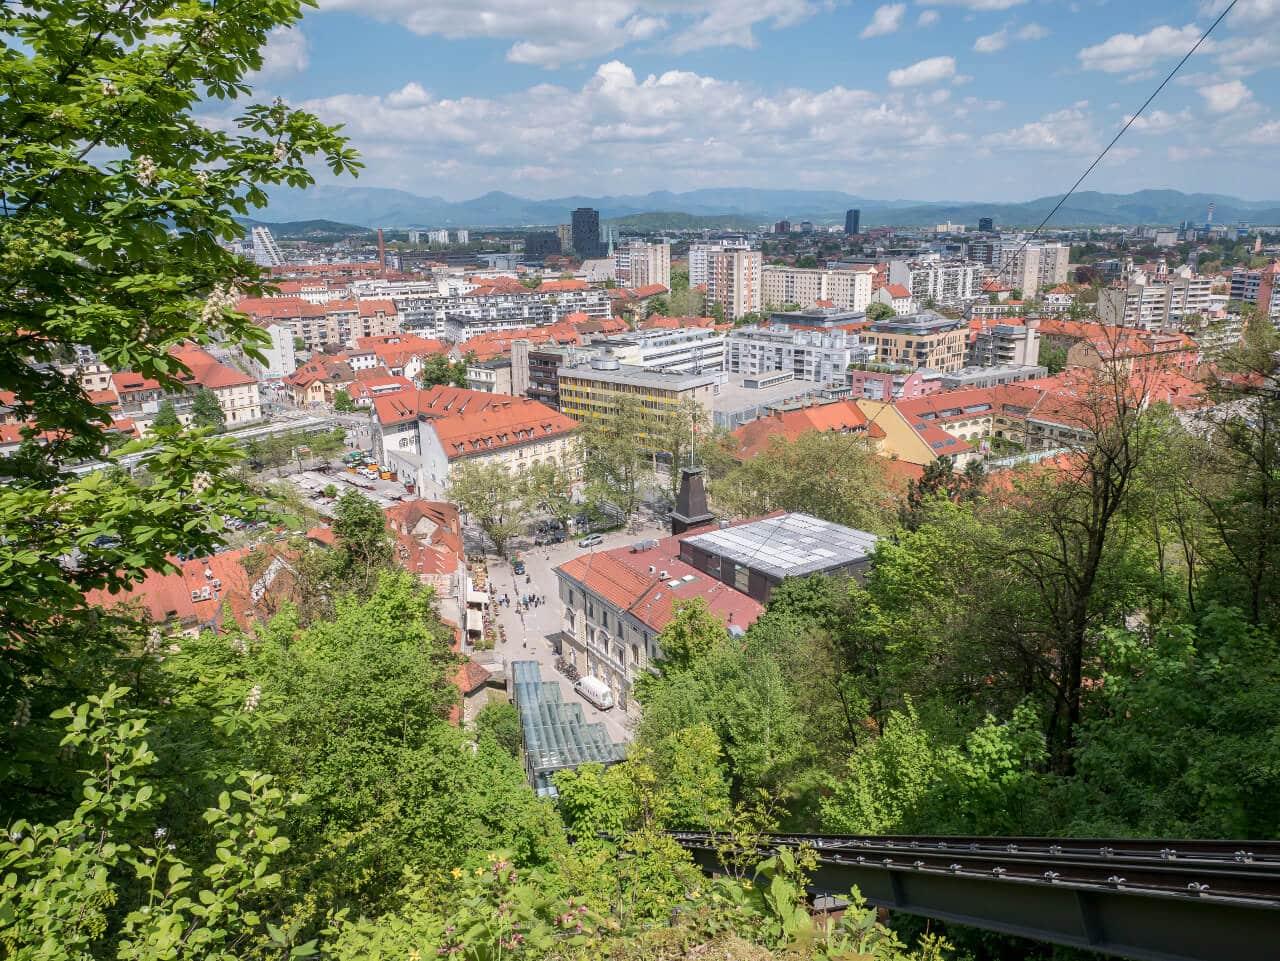 Co warto zobaczyć w Słowenii - Widok na Lublanę ze wzgórza zamkowego